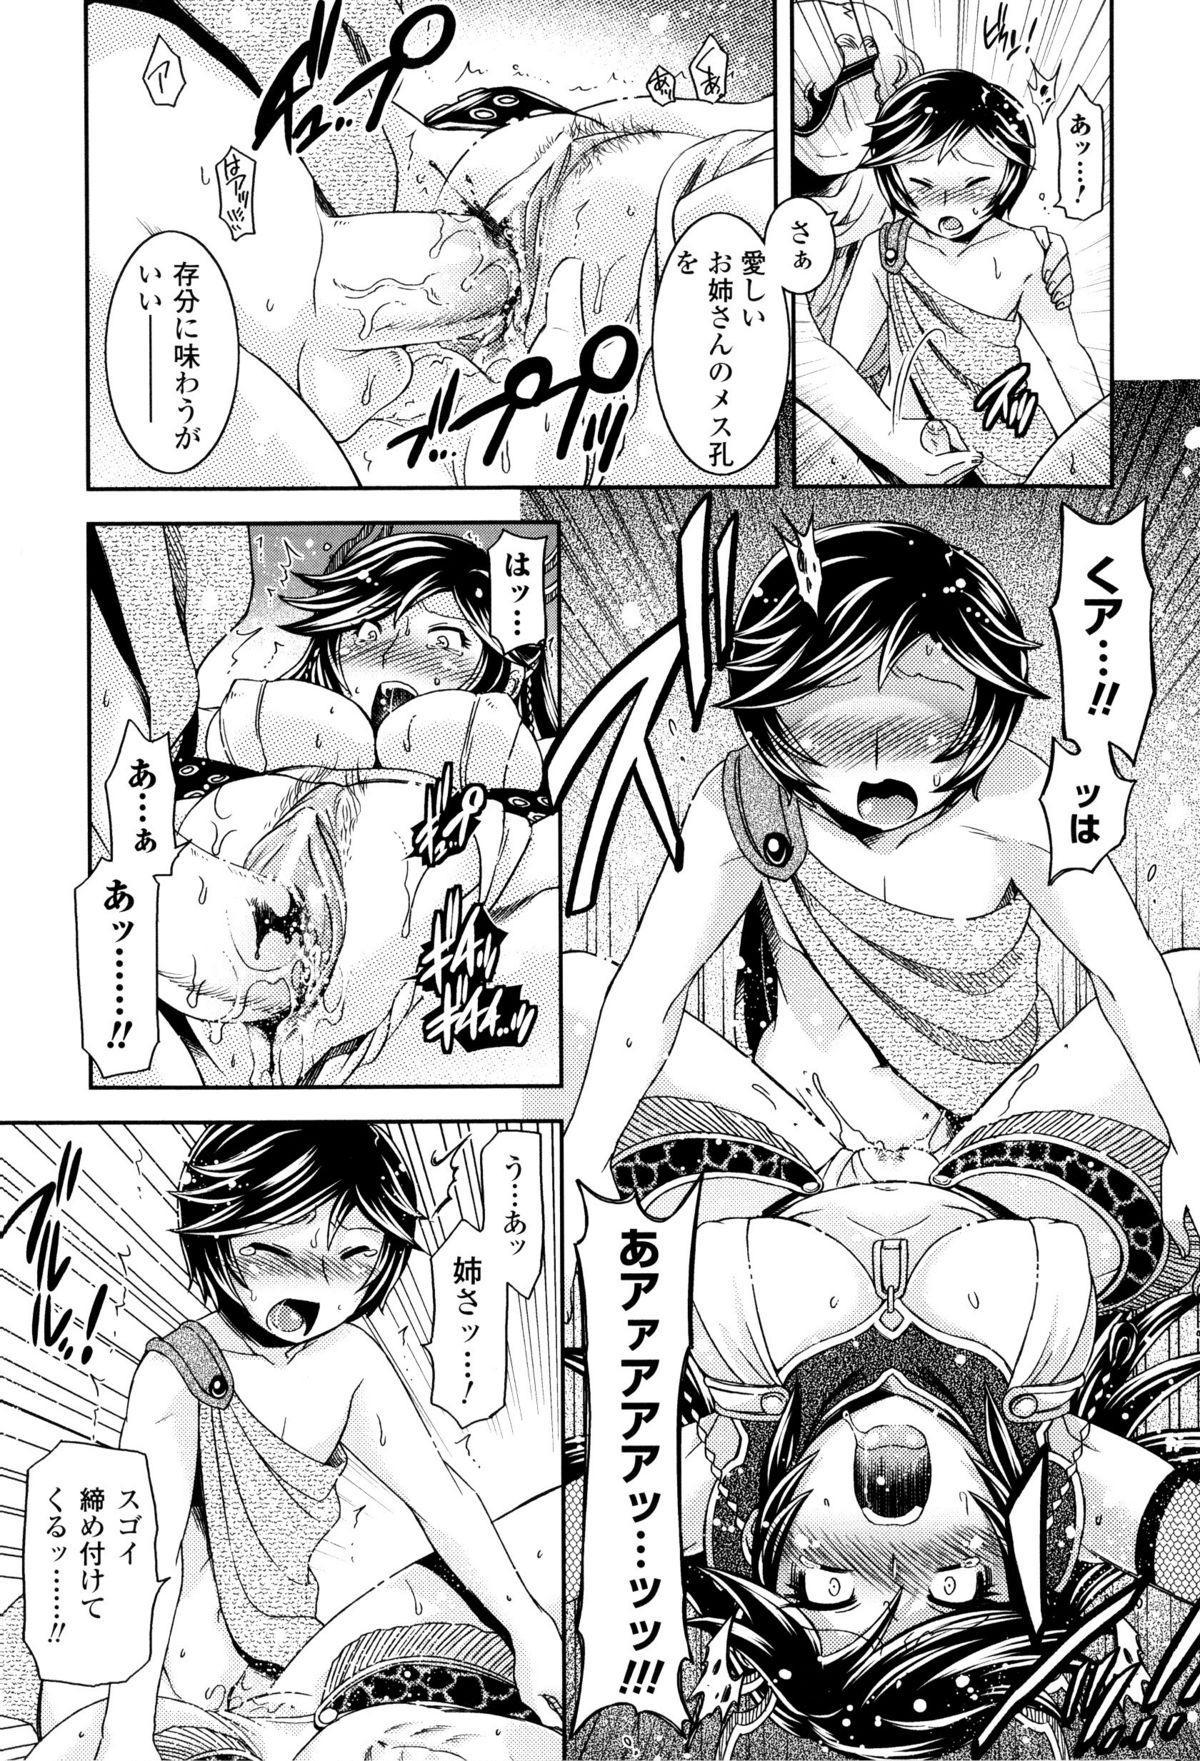 Toushin Engi Vol. 8 113